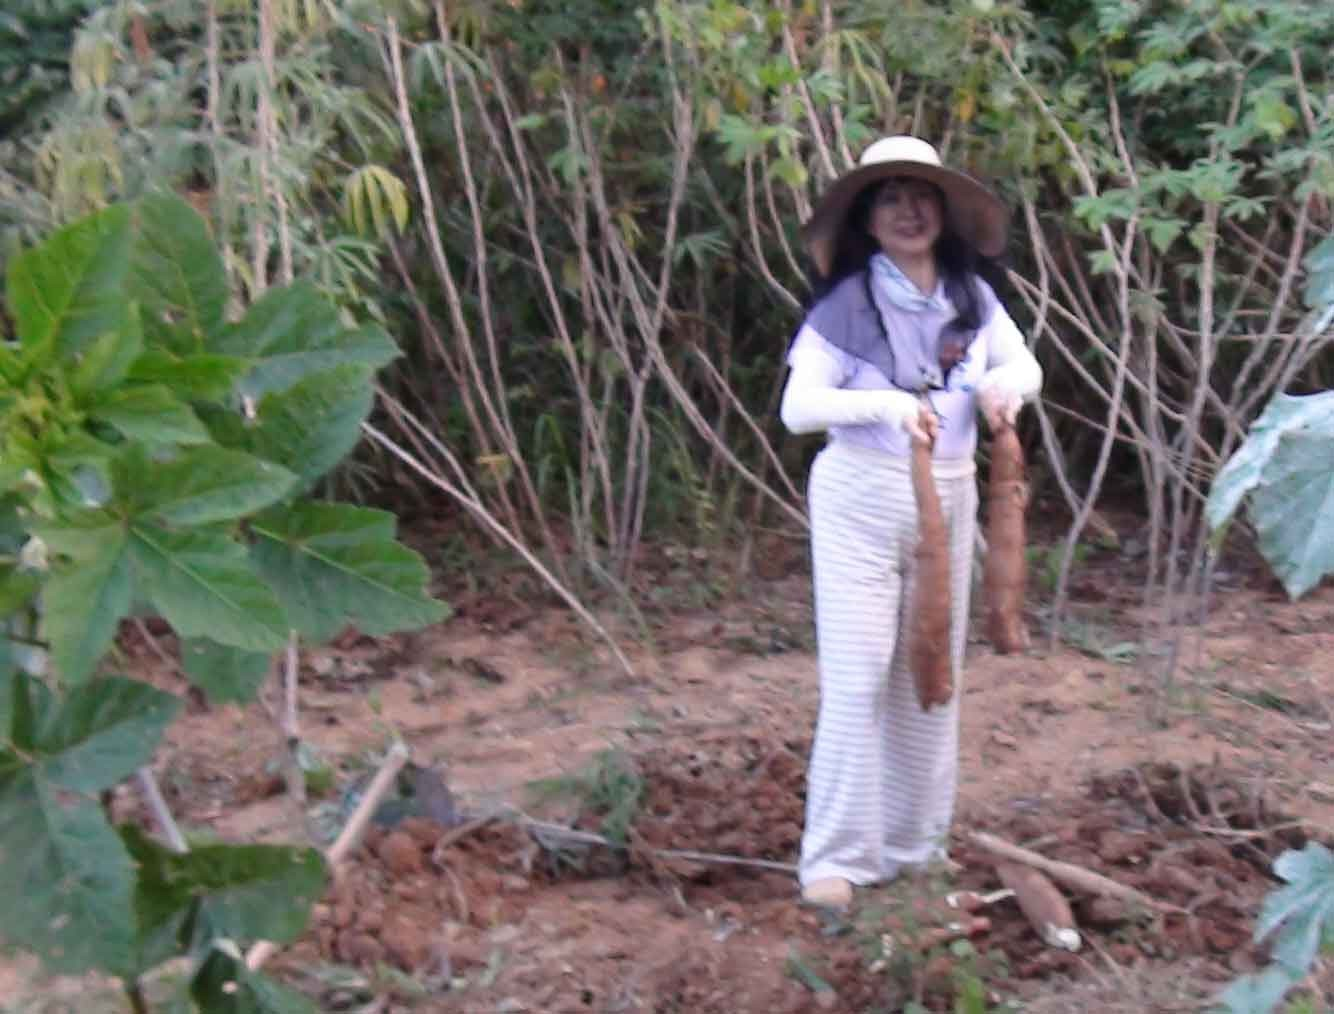 ブラジル人の主食ともいえるマンジョッカ(キャッサバ芋)の収穫